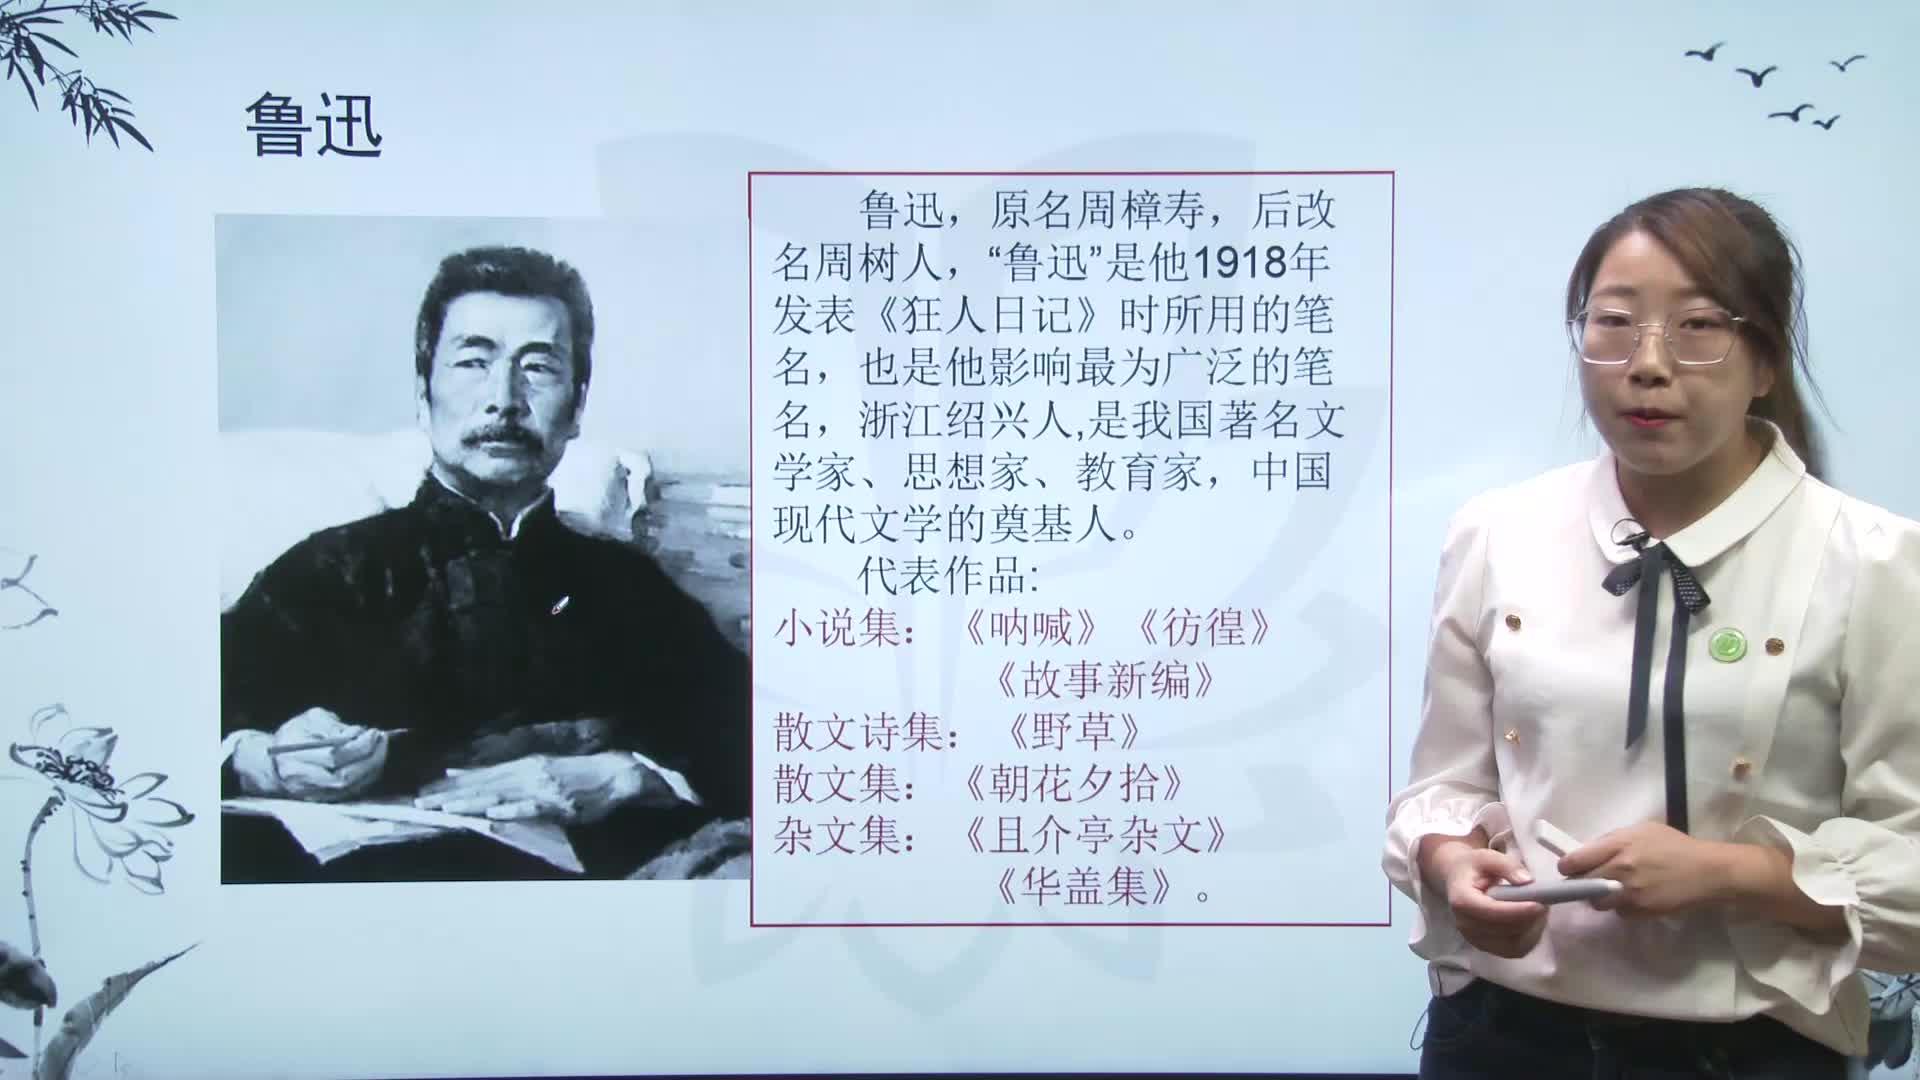 视频5.17.1中国人失掉自信力了吗-【慕联】初中完全同步系列新编人教版(部编版)钱柜手机网页版九年级上册